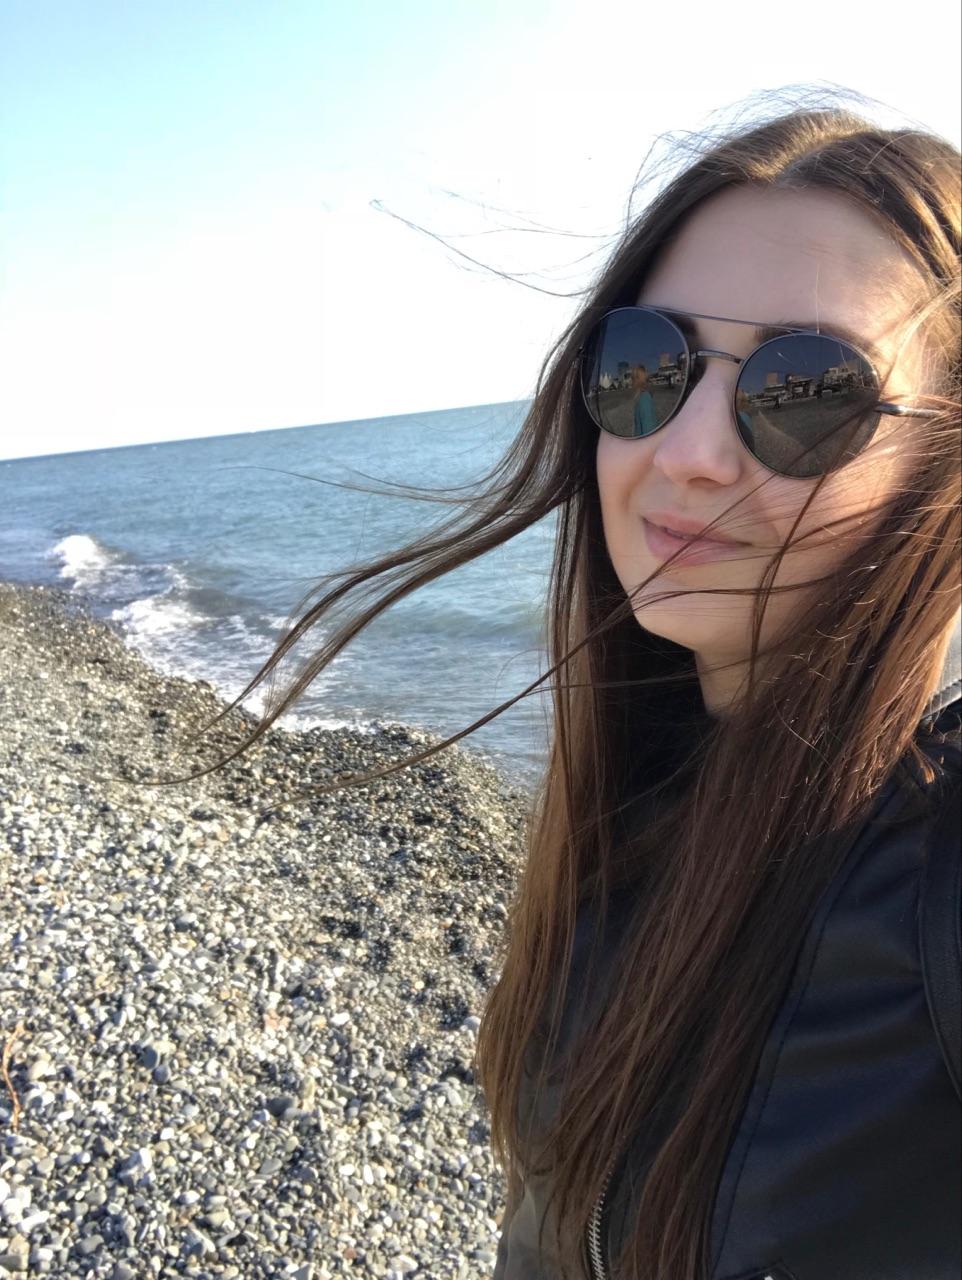 Фотография: Татьяна Круг на фоне моря